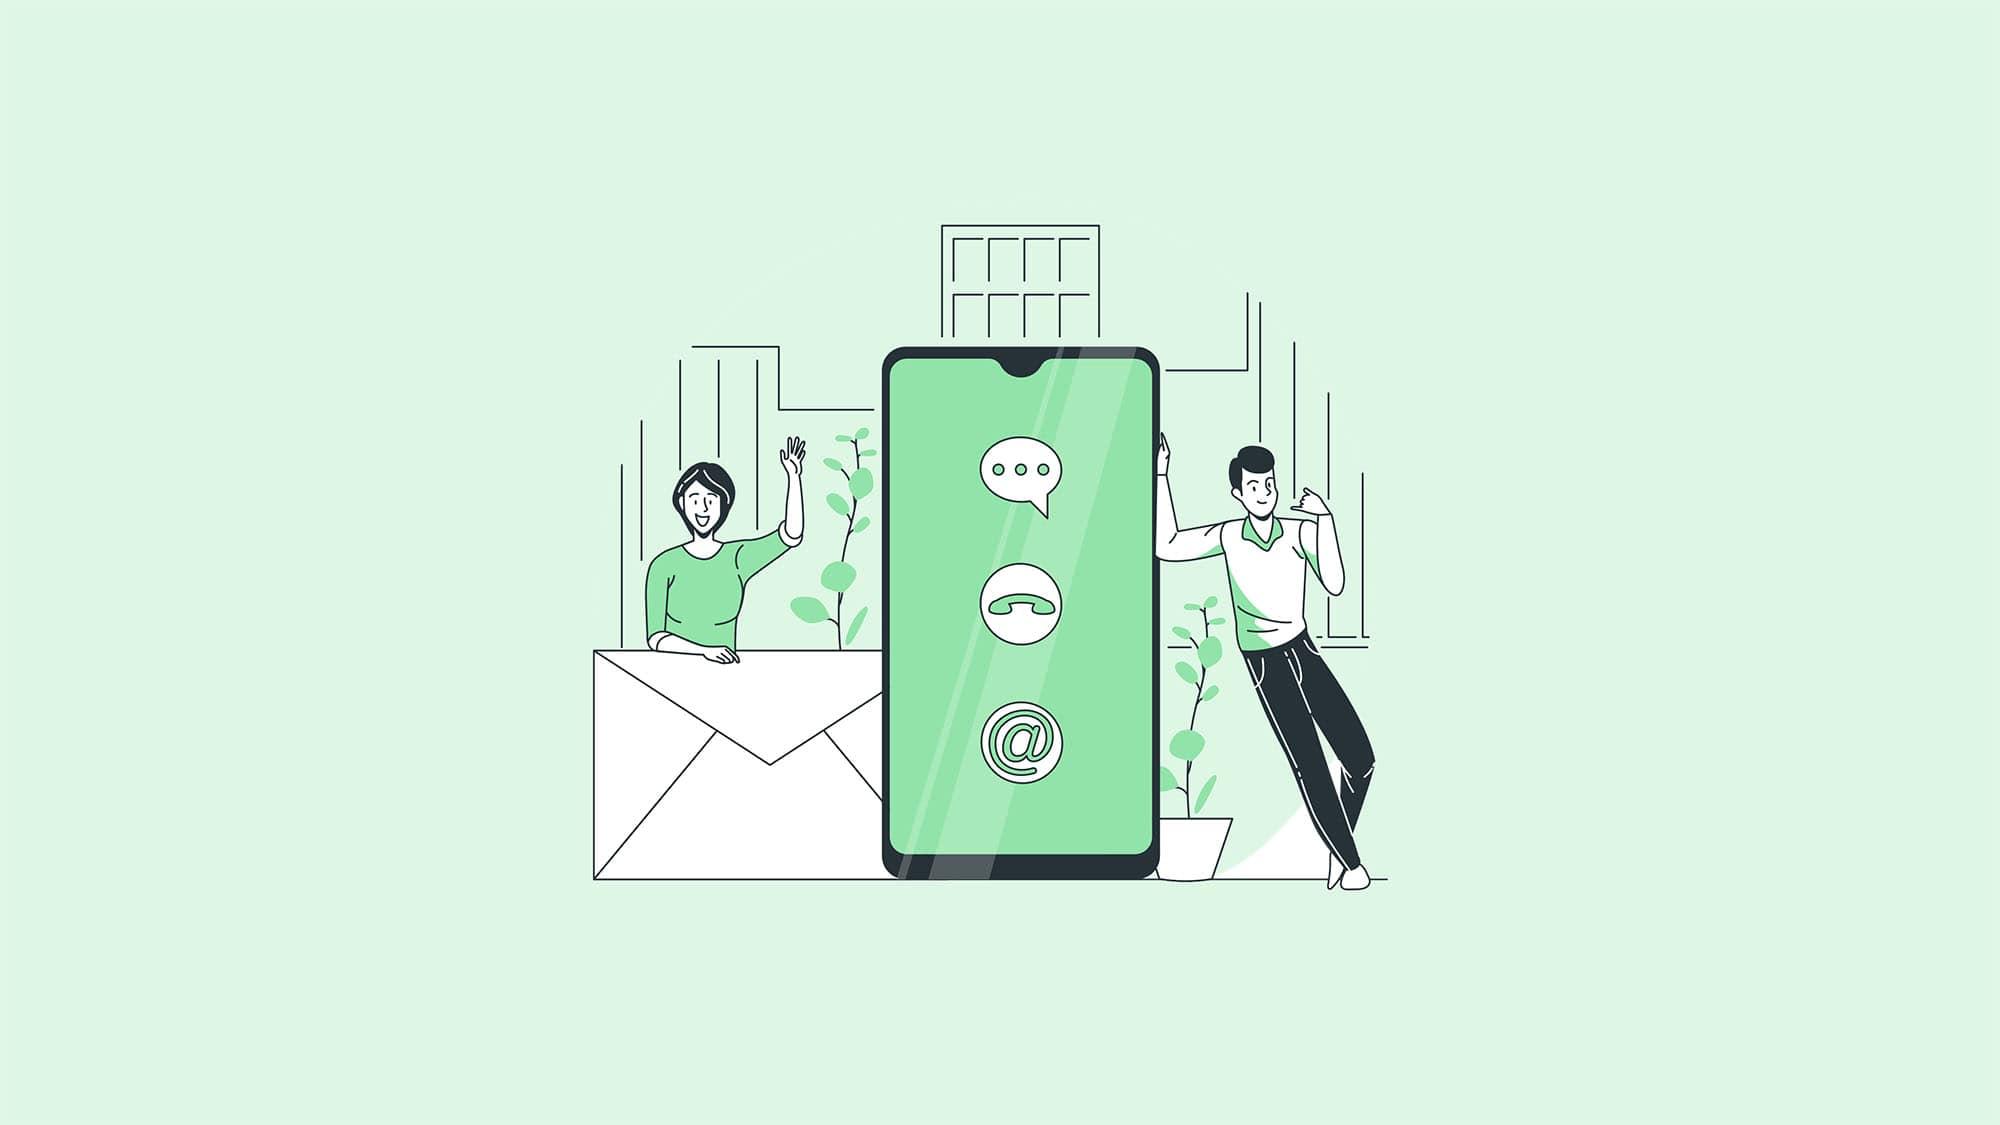 ارسال پیامک به مخاطبین گوشی